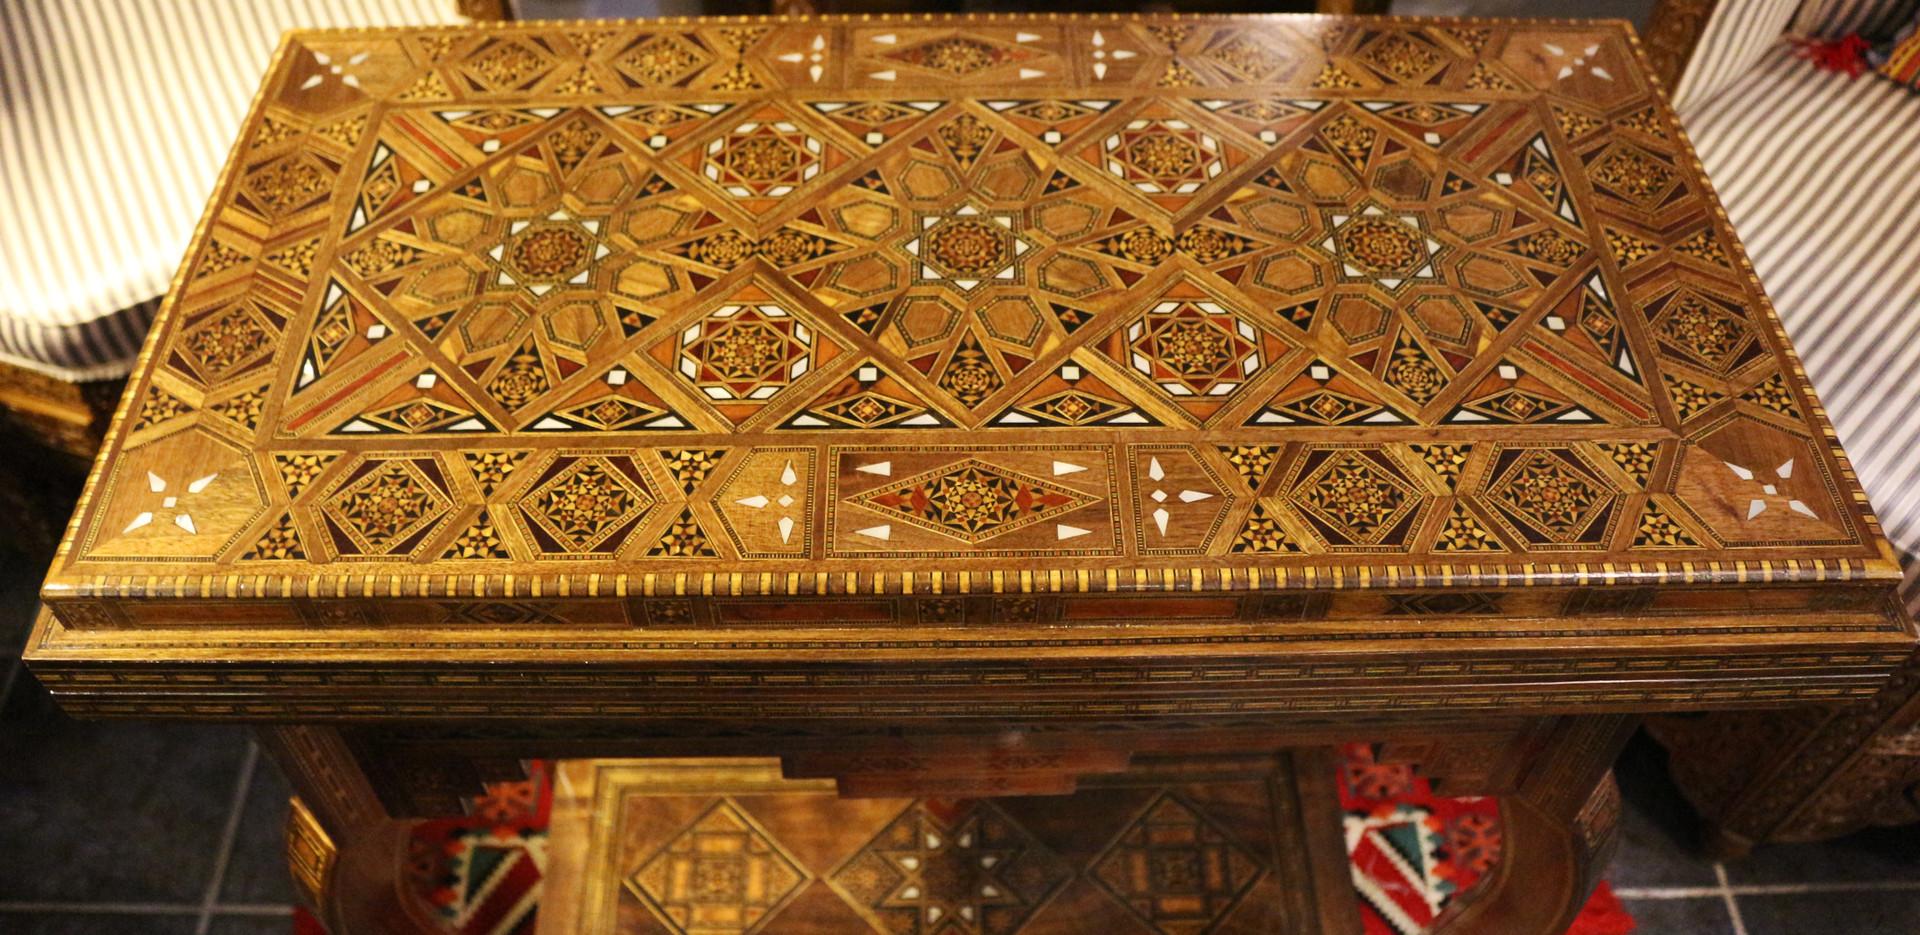 Holz Backgammon/Schach/Karten Spiel  Klappbar Tisch